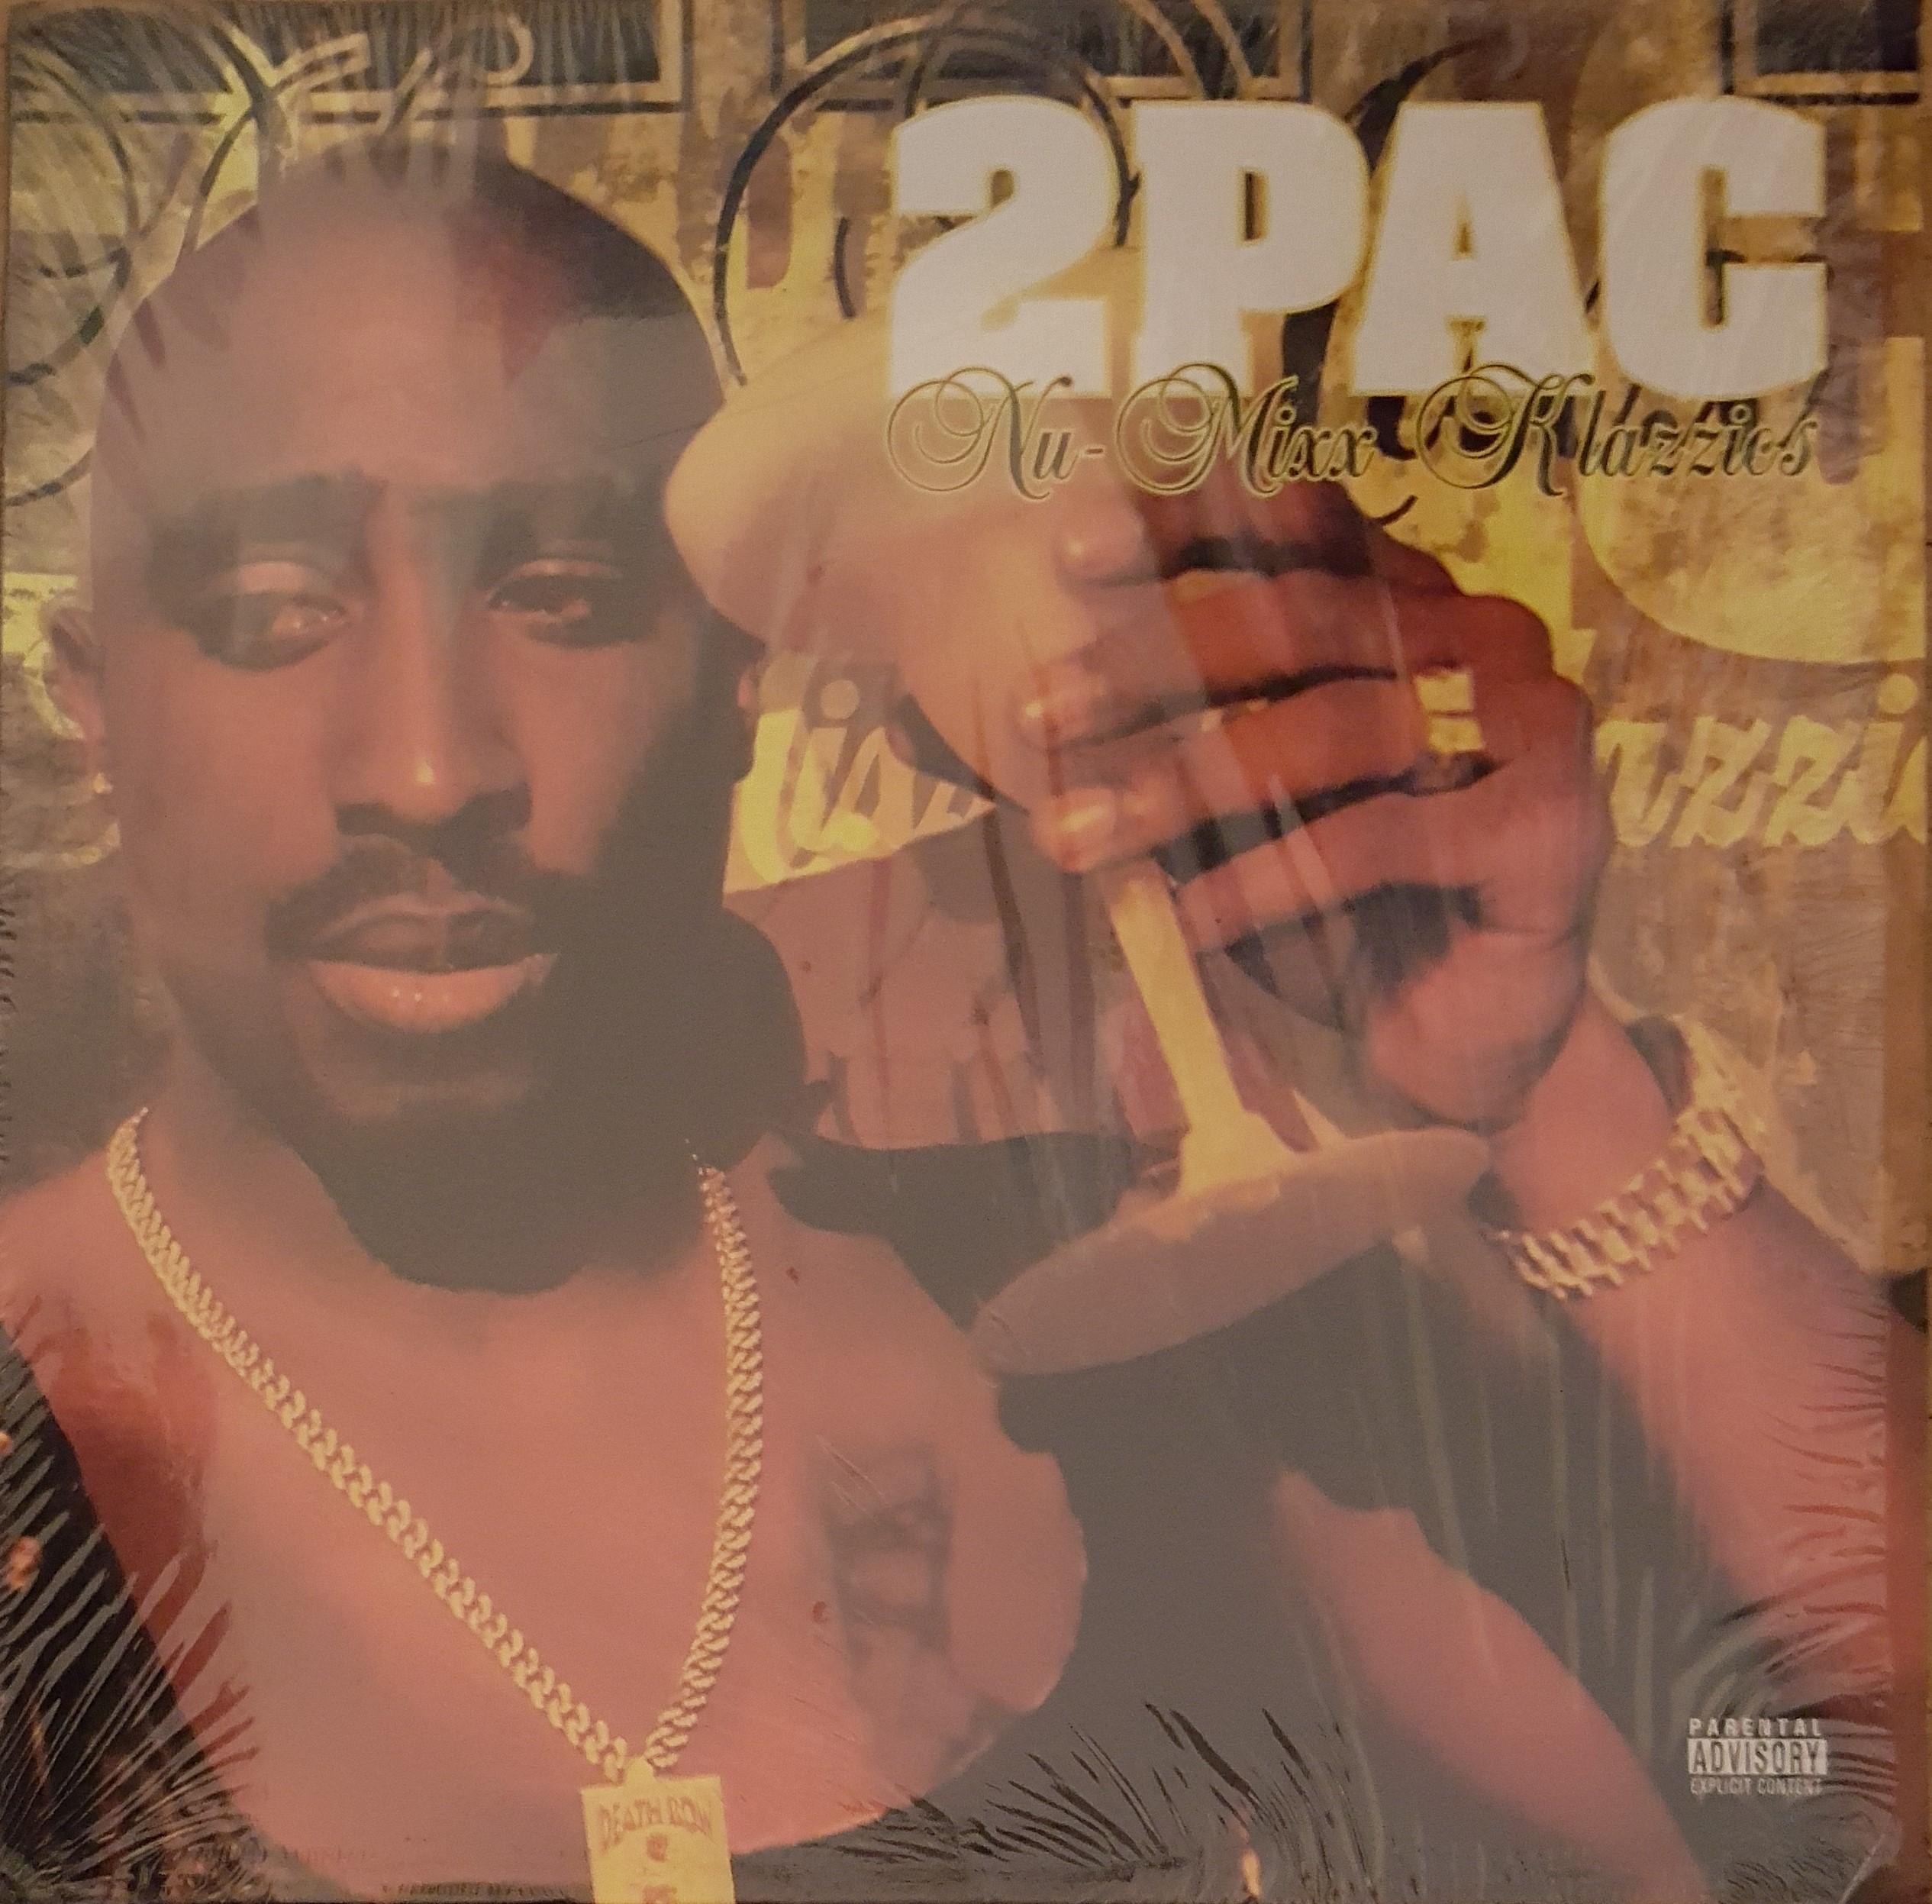 2Pac - Nu-Mixx Klazzics